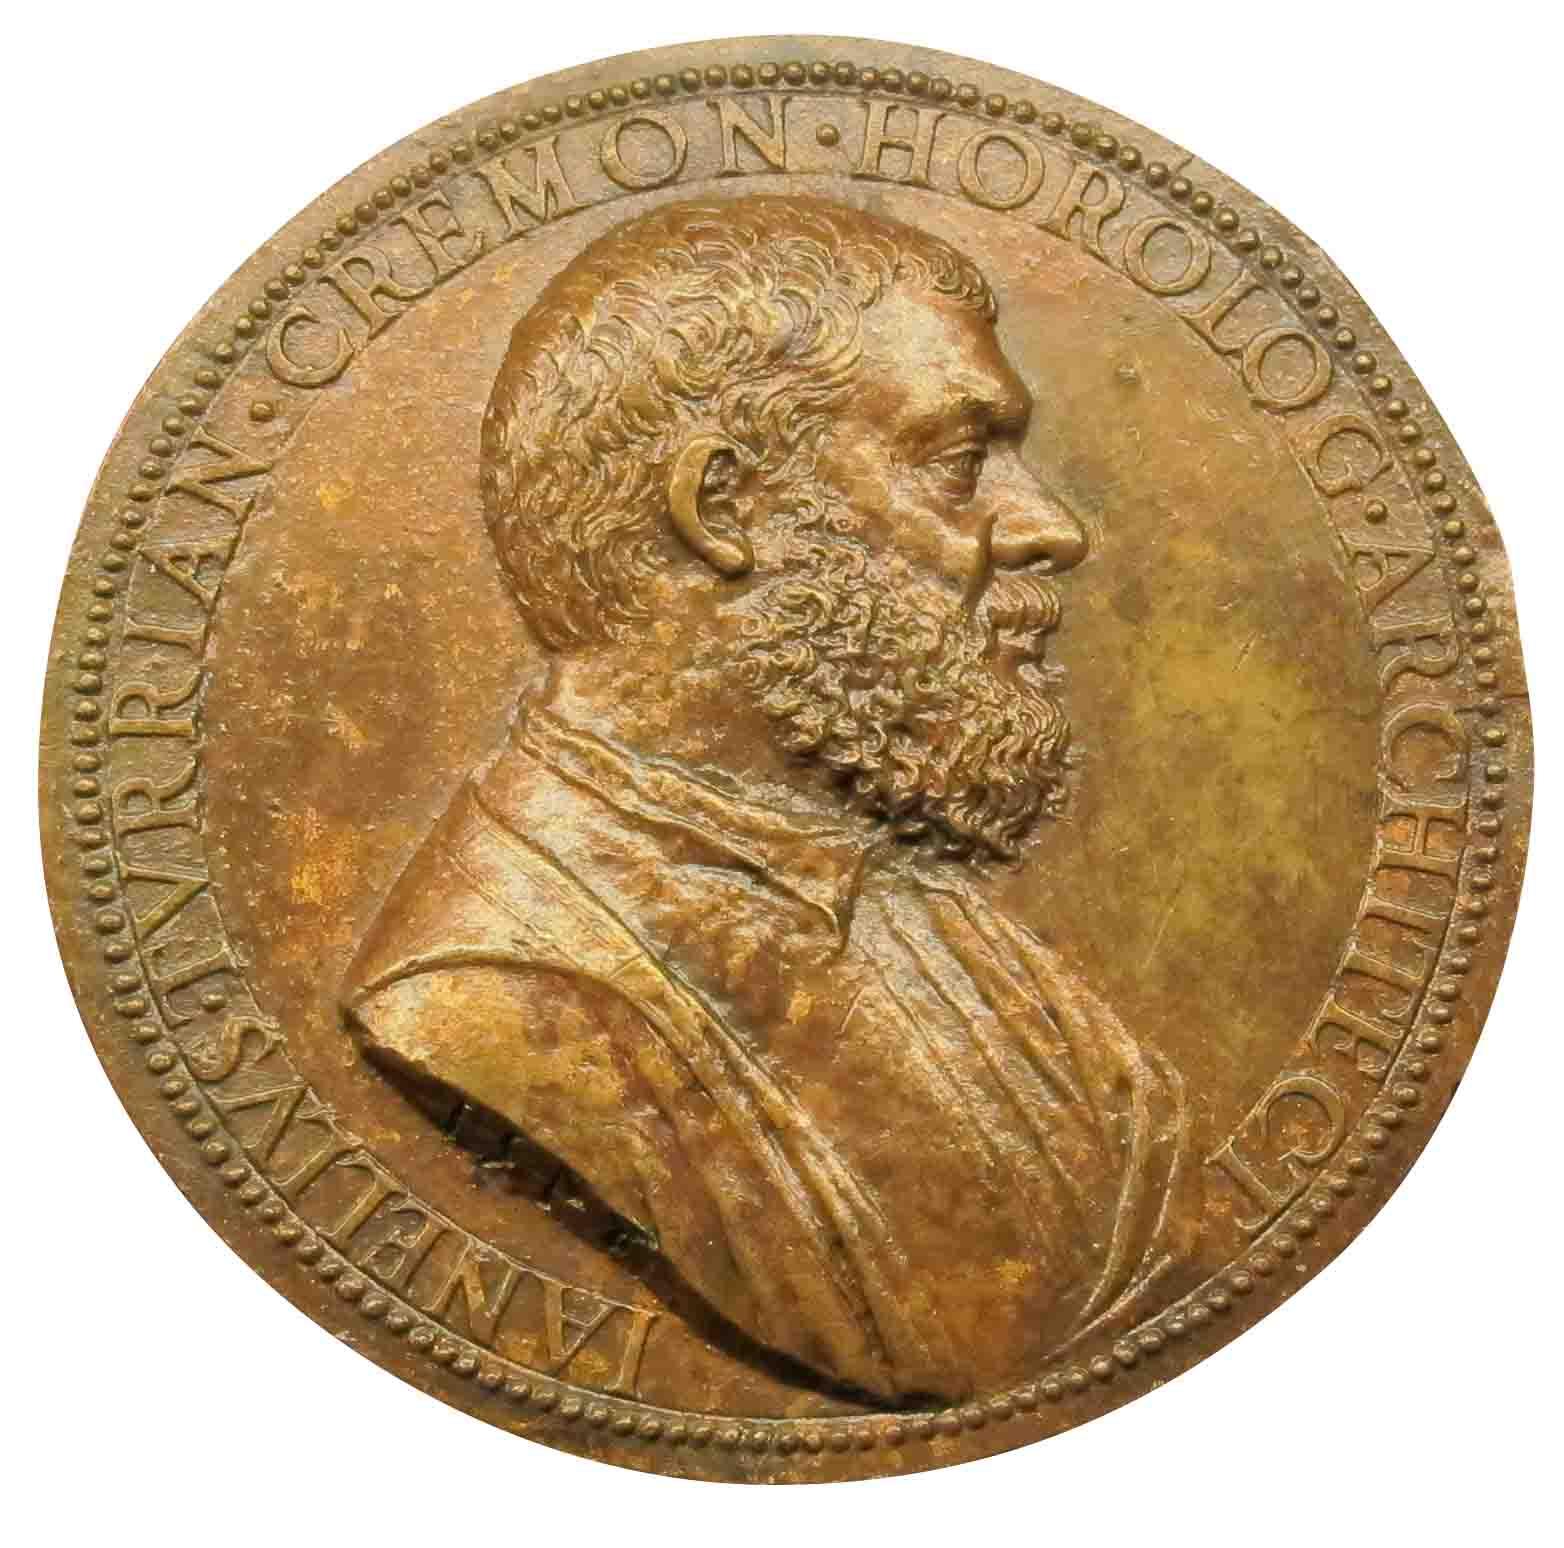 Jacopo Nizzola da Trezzo (1515-1589), medaglia di Janello Torriani o Giannello della Torre,1550-'52 (Cremona, Museo Civico Ala Ponzone)